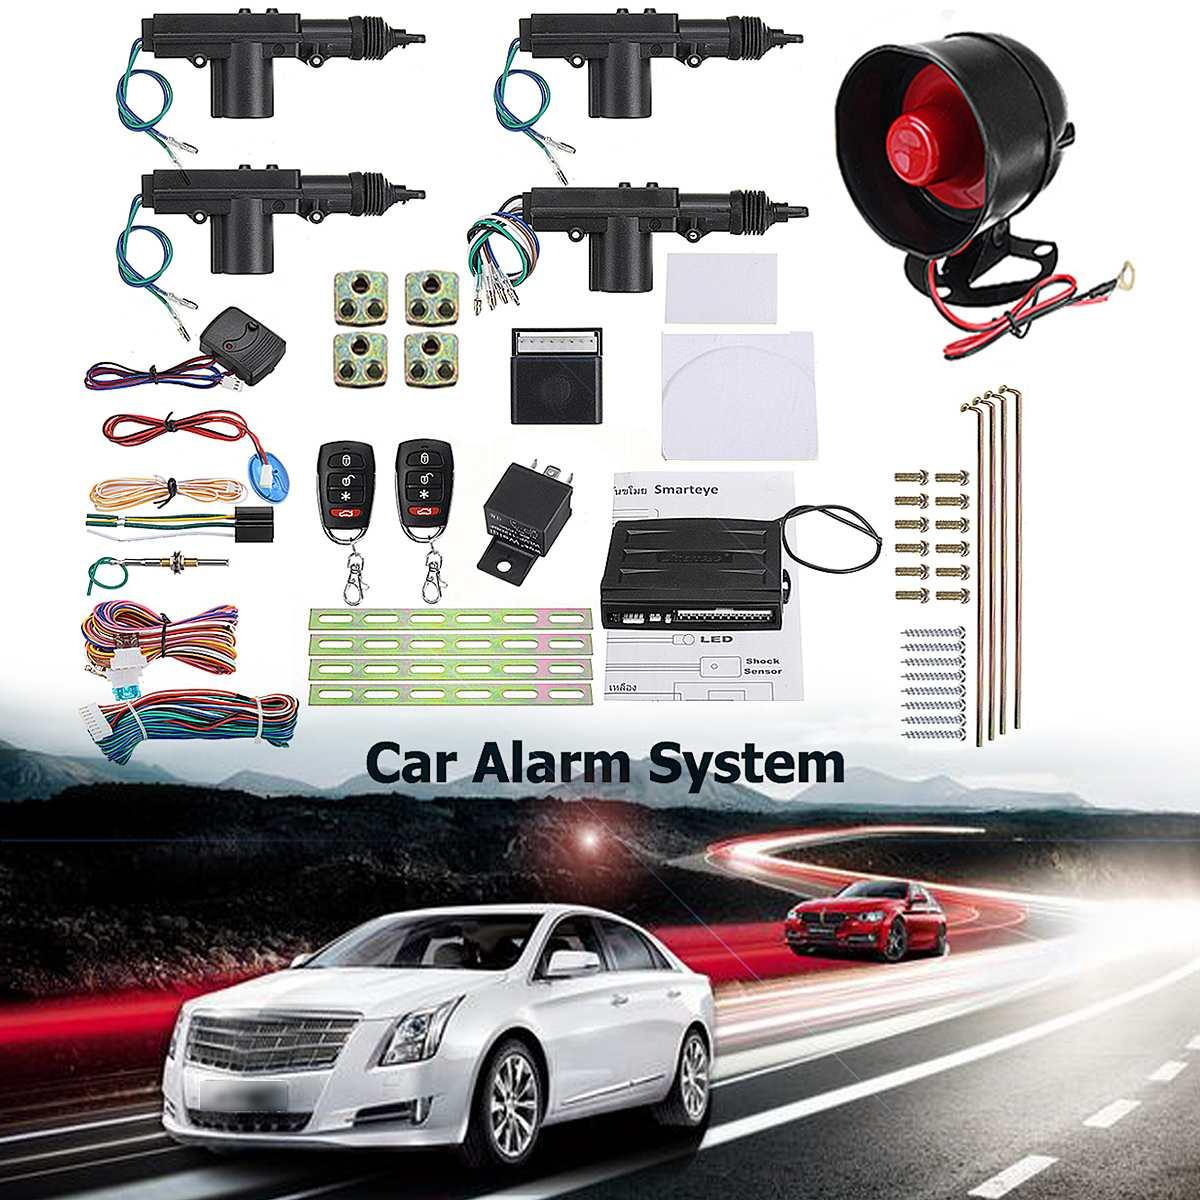 Ensemble de systèmes d'alarme voiture Auto Kit Central à distance serrure de porte verrouillage véhicule système d'entrée sans clé avec télécommandes 2/4 porte